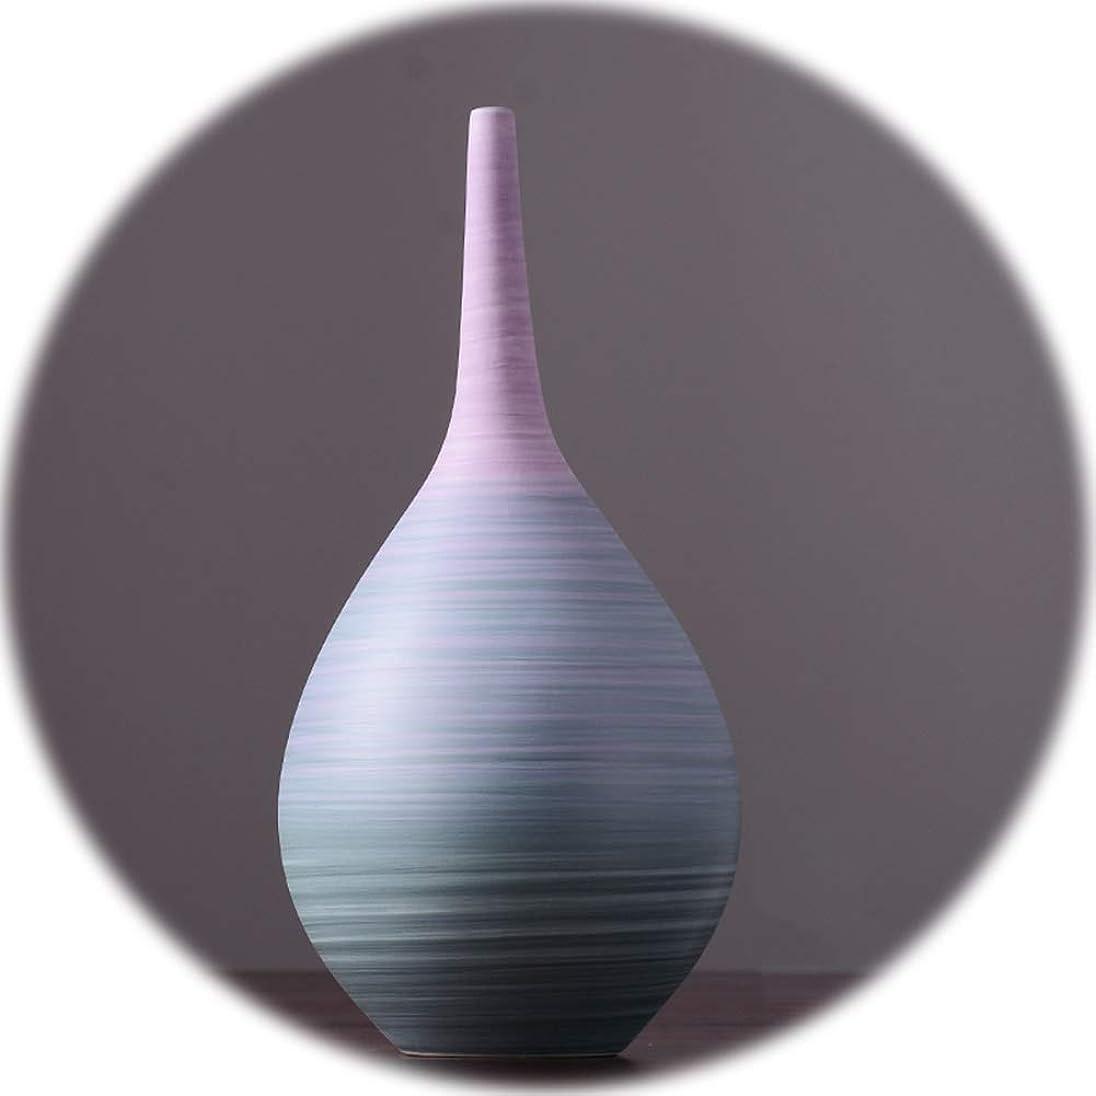 基本的な着る受動的陶磁器の花瓶 XJJUN 陶製の花瓶 フローラ花瓶ホームデコレーション装飾品北欧スタイル手作りリビングルームベッドルーム理想的なギフト、3サイズ (Color : A, Size : 17X35CM)